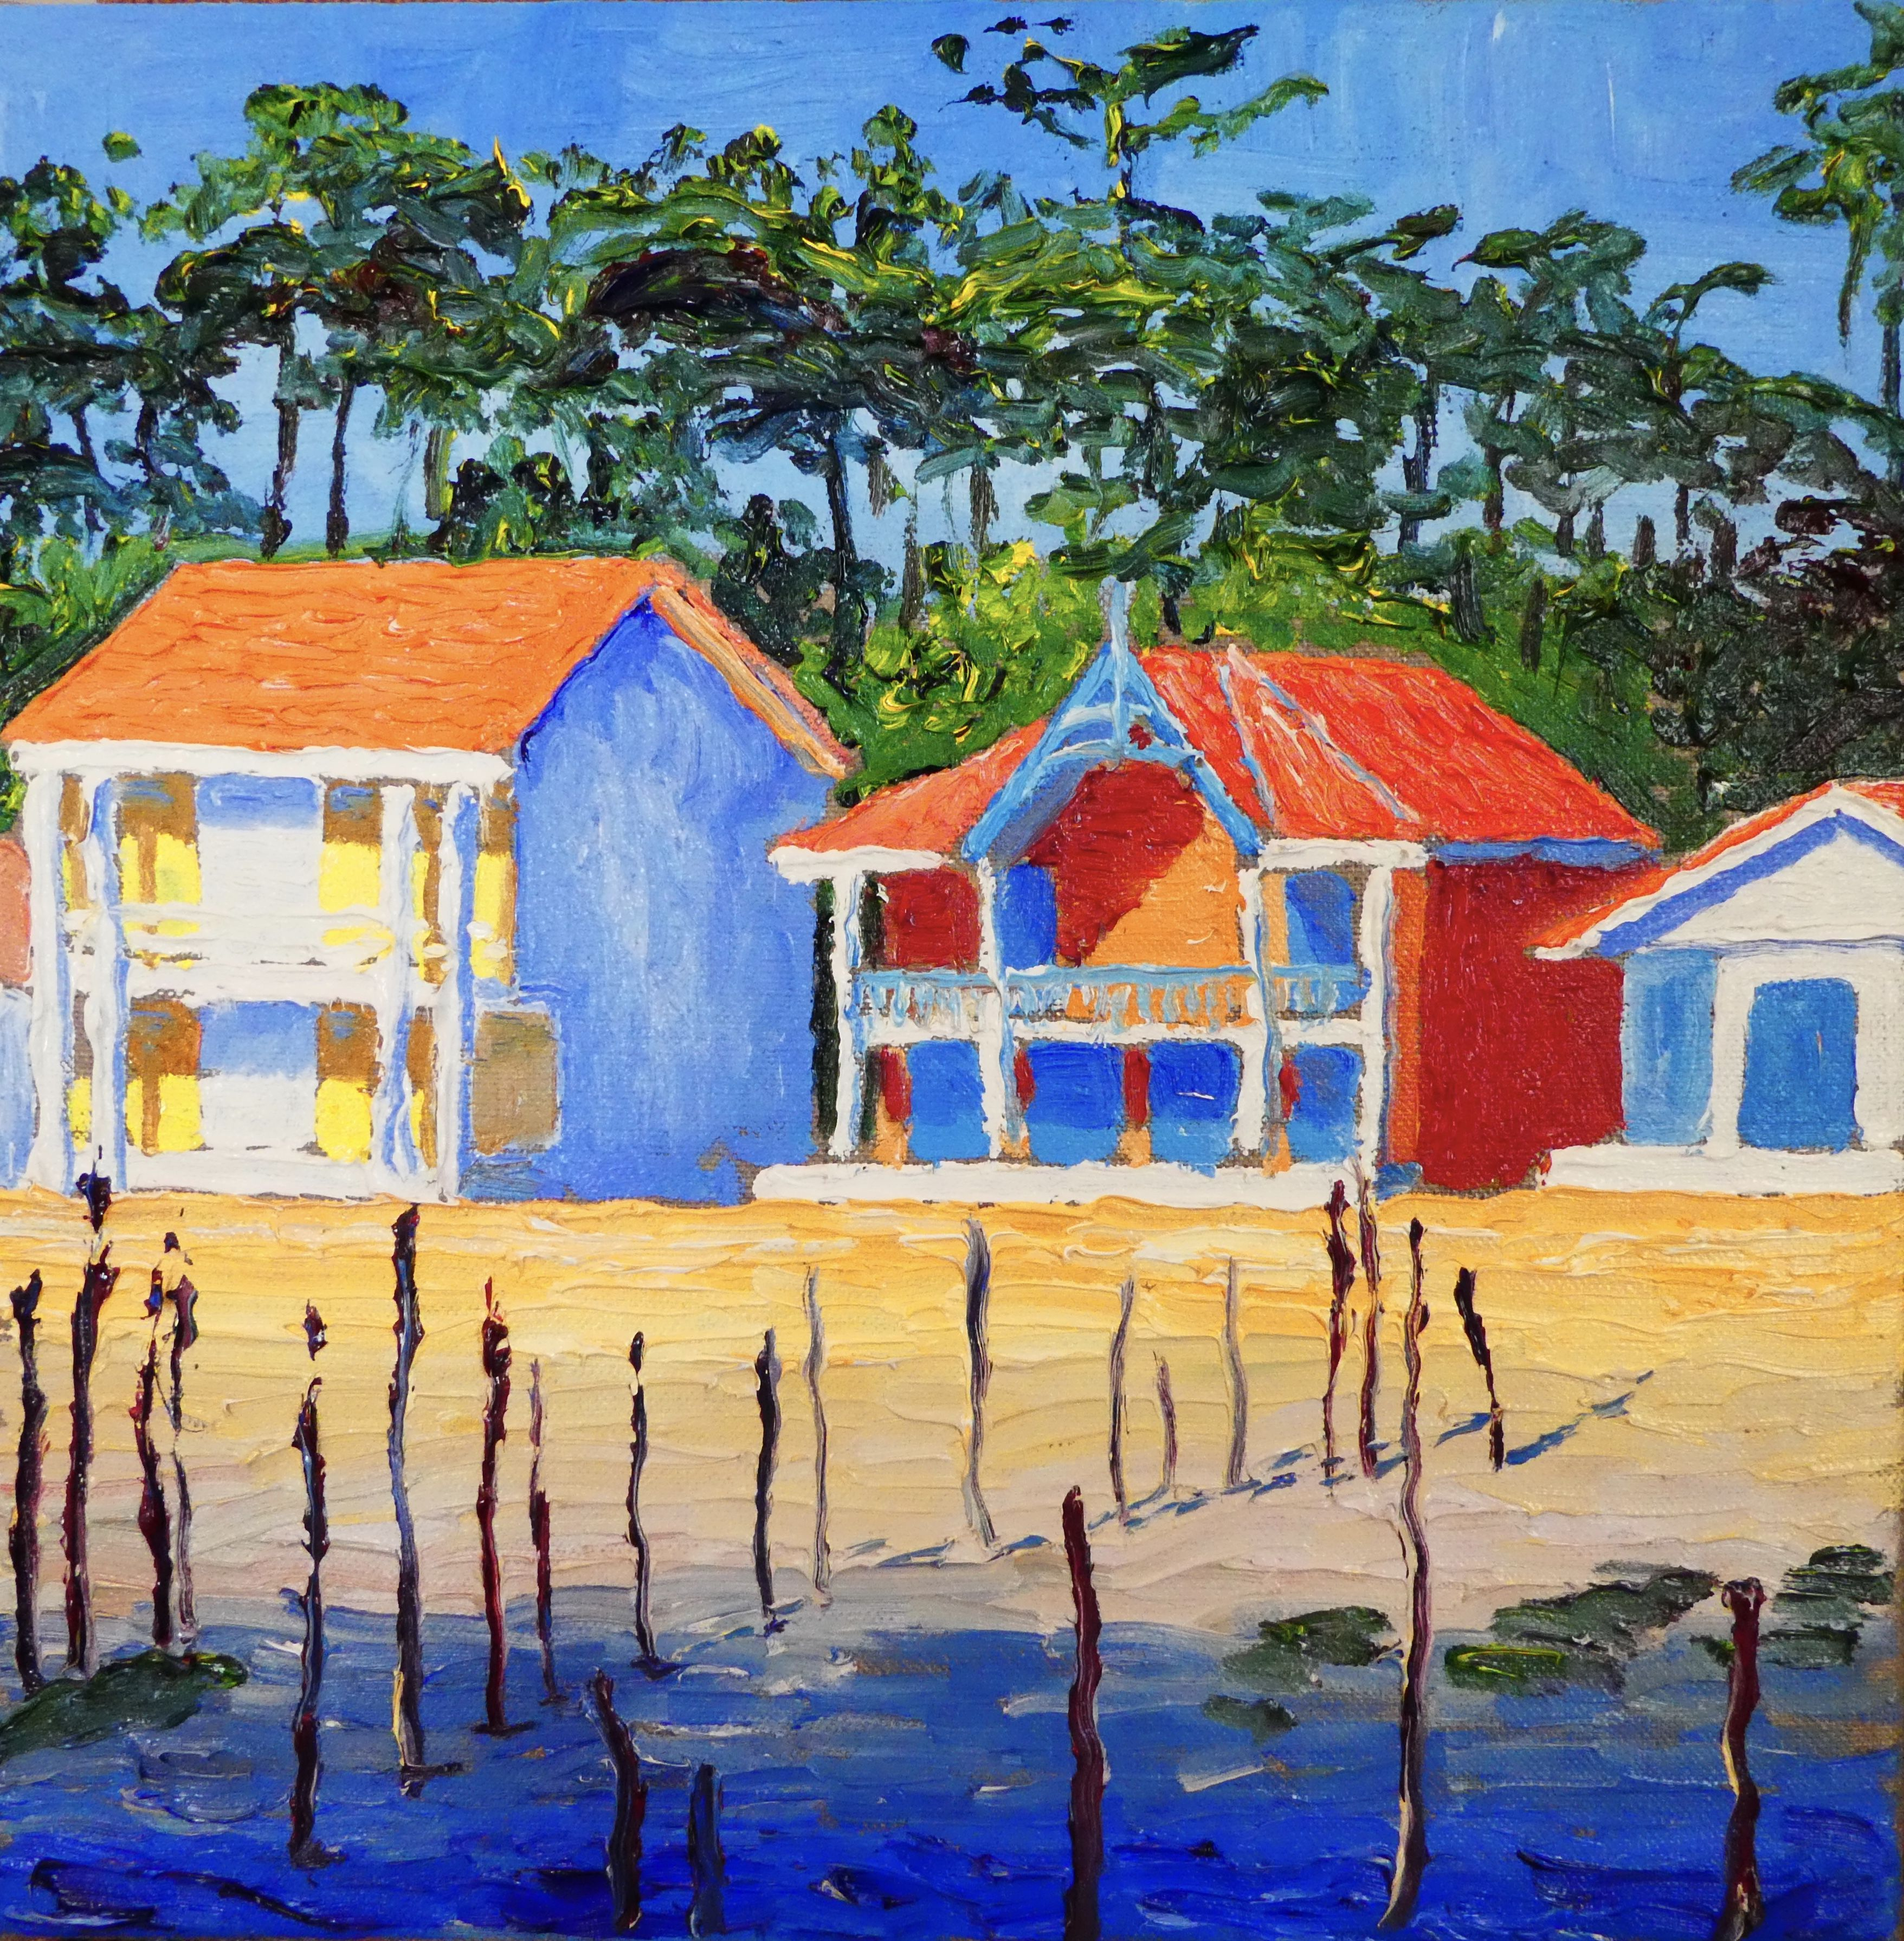 Thomas grotzky les cabanes ostr icoles du village de l for Toile bassin